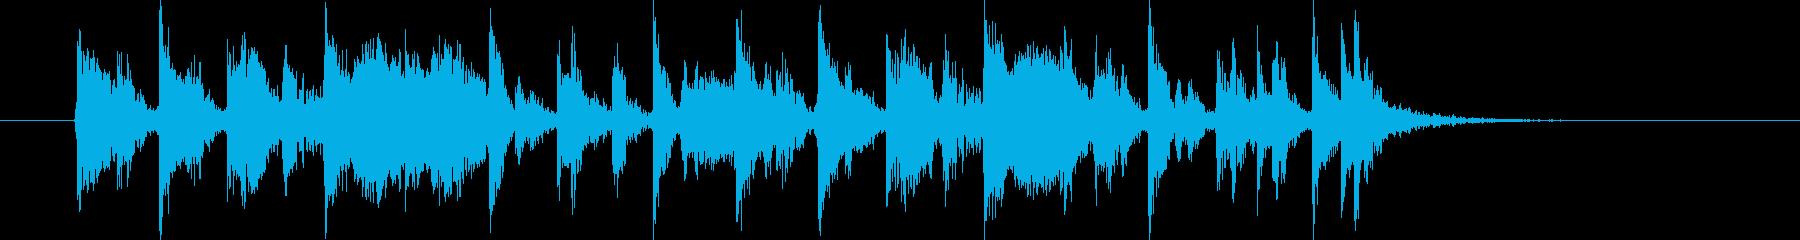 ハネた16ビートの12秒ジングルの再生済みの波形